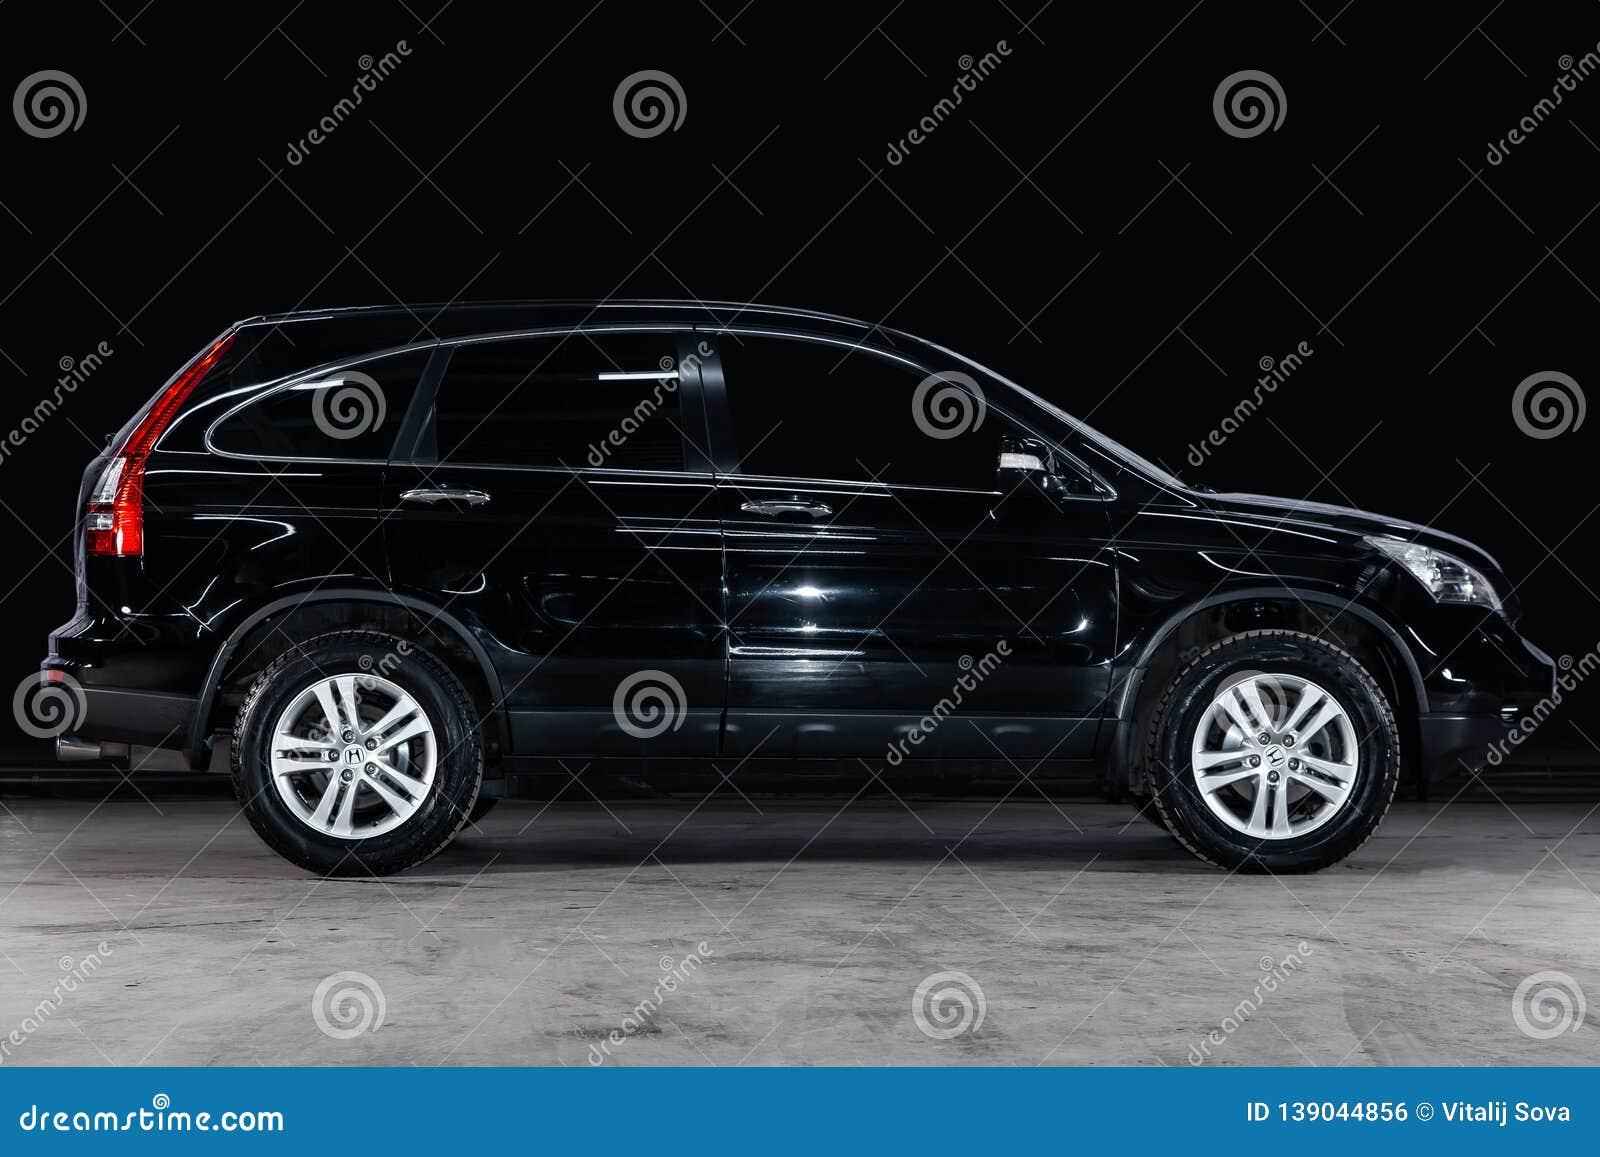 Novosibirsk, Russia - February 08, 2019: Honda CR-V